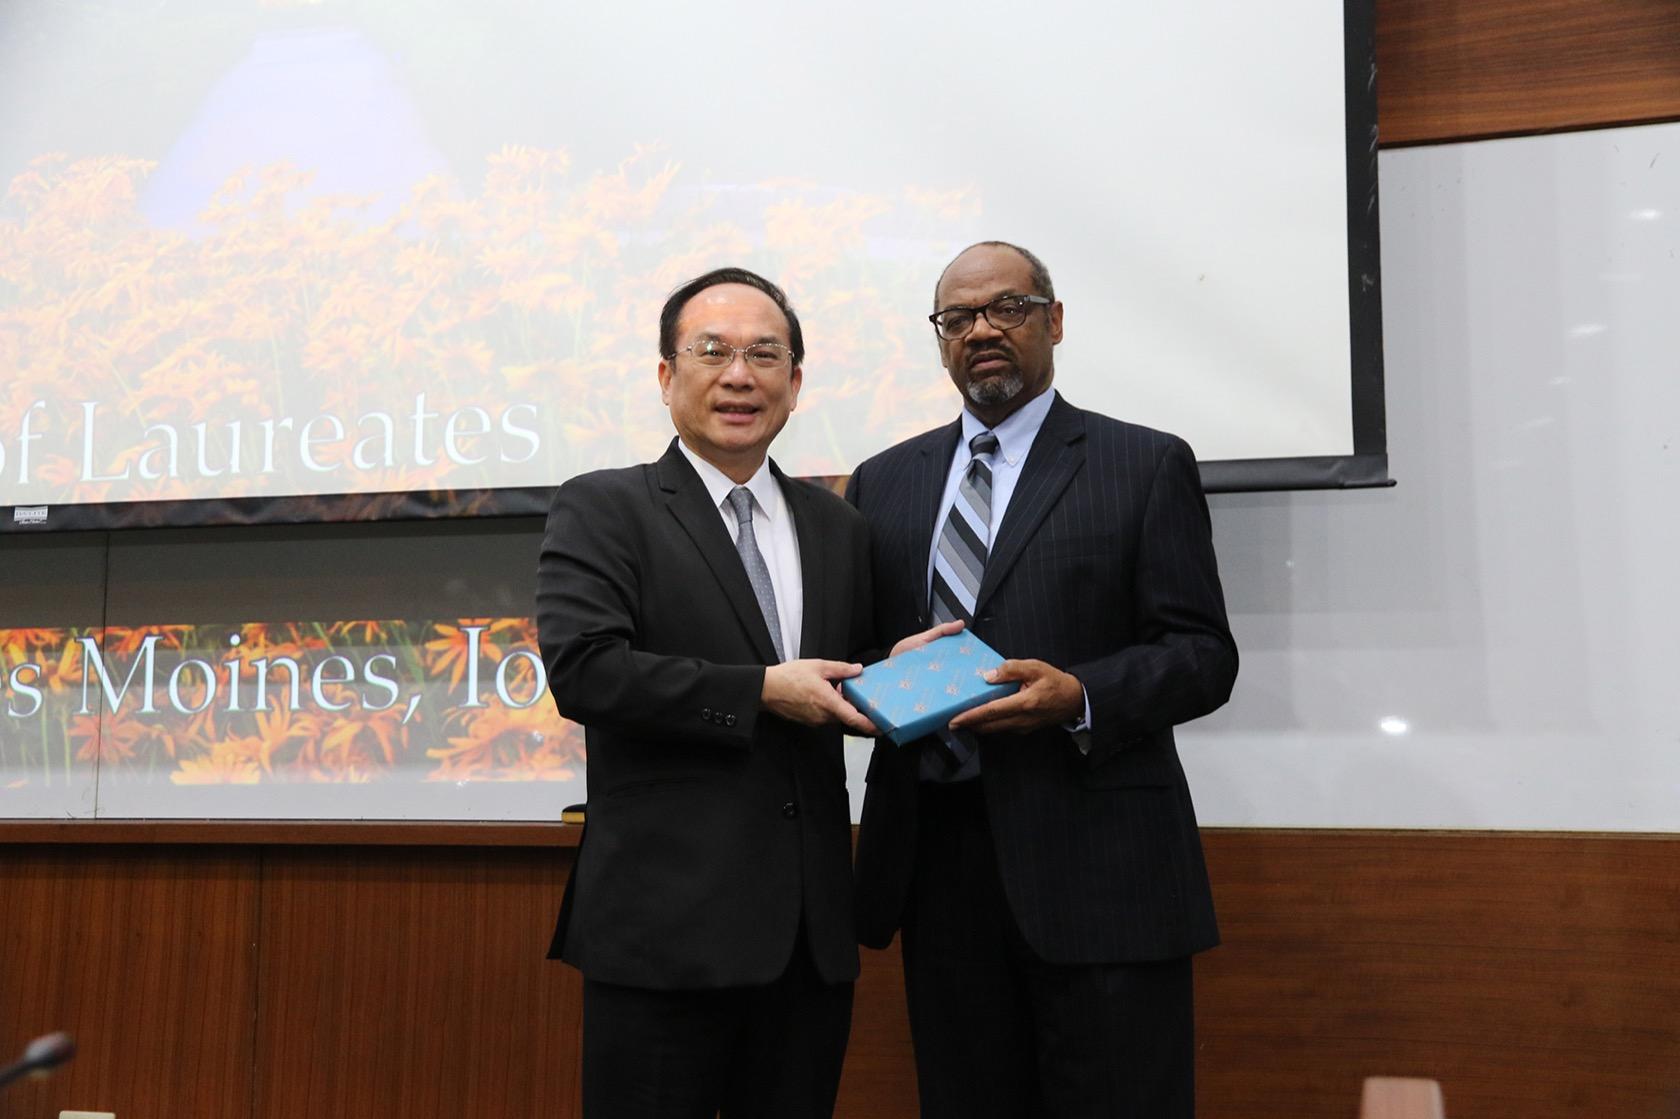 興大副校長楊長賢(左)致贈紀念品給德州農工布勞格國際農業研究機構財務運作與對外關係副主任Eric M. Bost